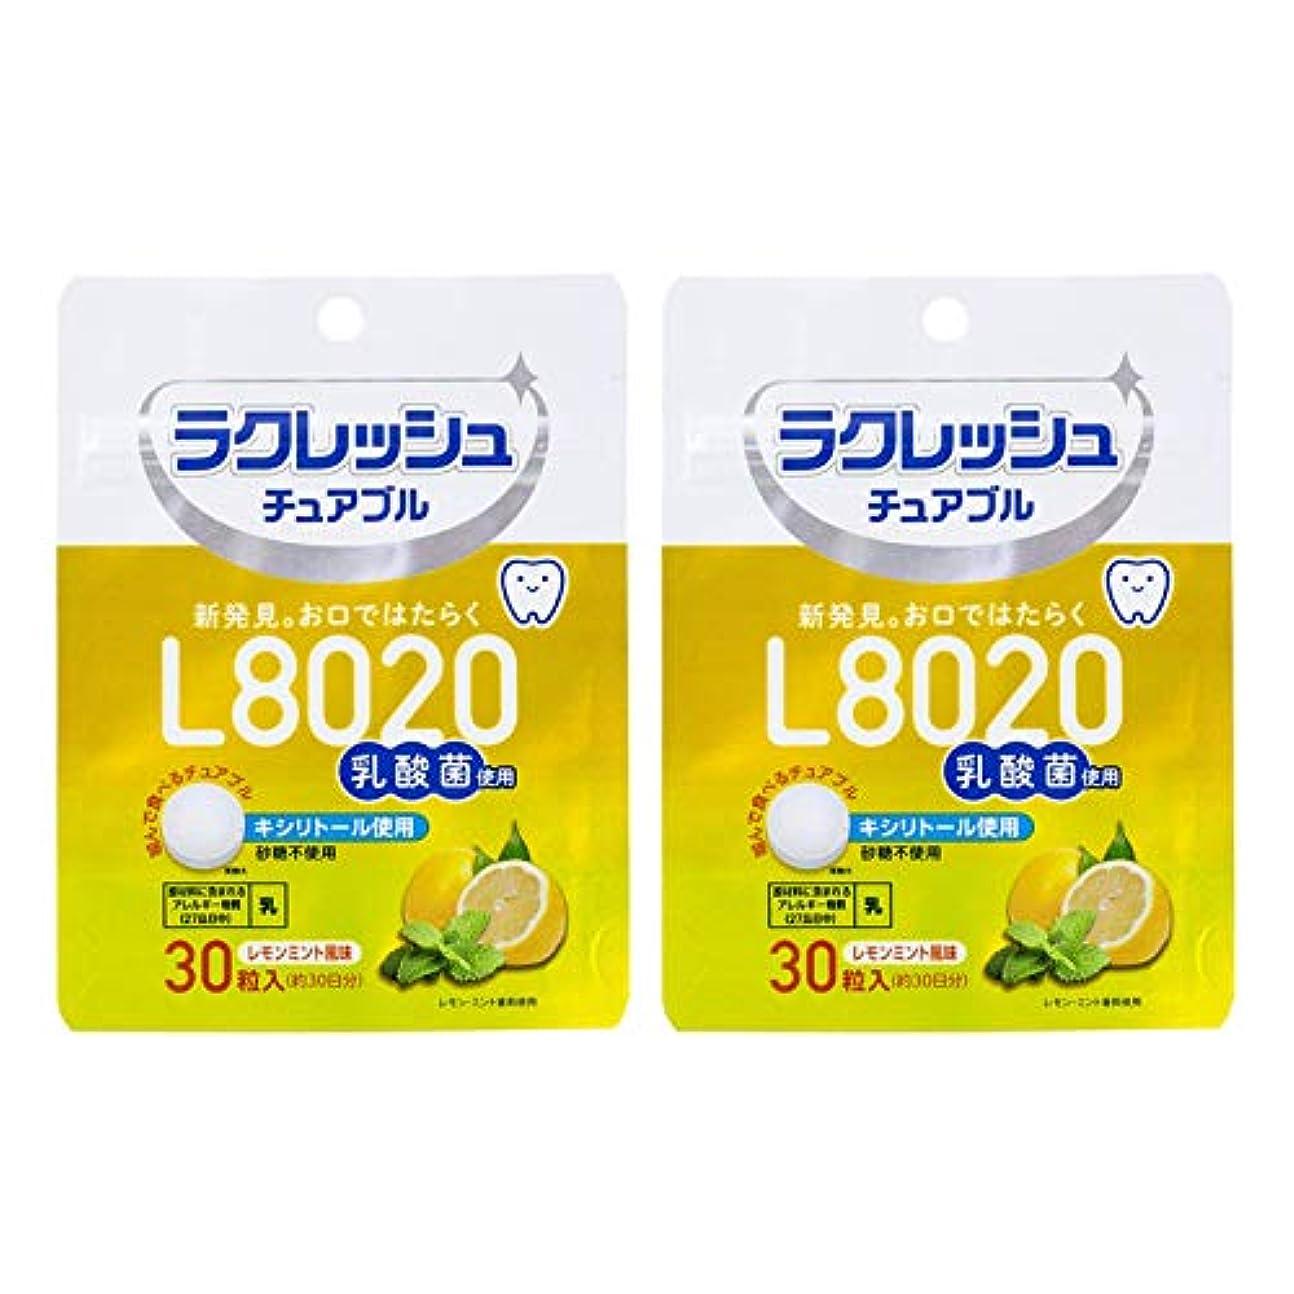 悪魔比べる硬さラクレッシュ L8020 乳酸菌 チュアブル レモンミント風味 オーラルケア 30粒入×2袋